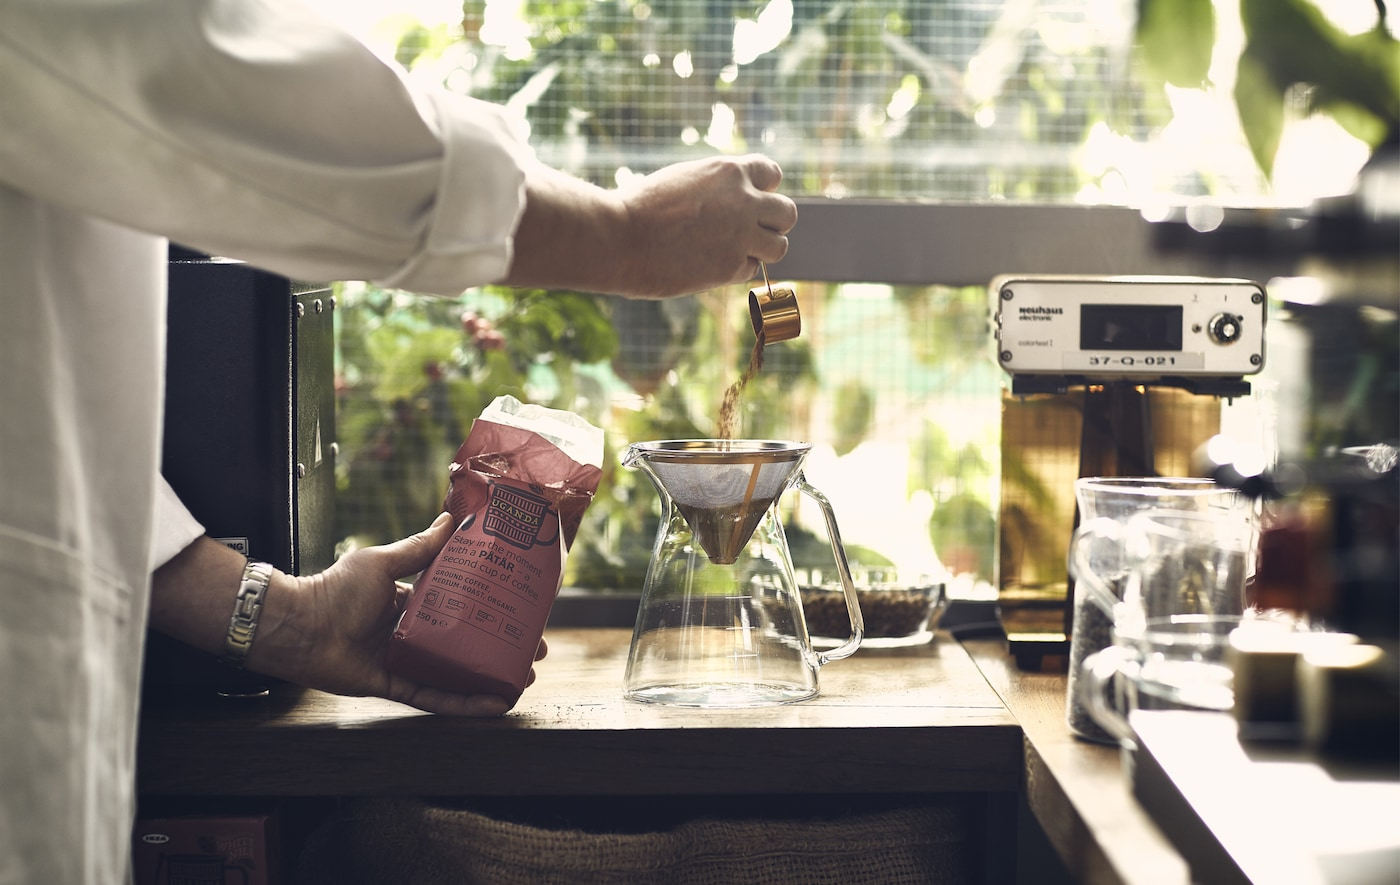 Personne en train de verser du café moulu dans un filtre, sur un plan de travail en bois, avec fenêtre dans le fond laissant entrevoir de la verdure.